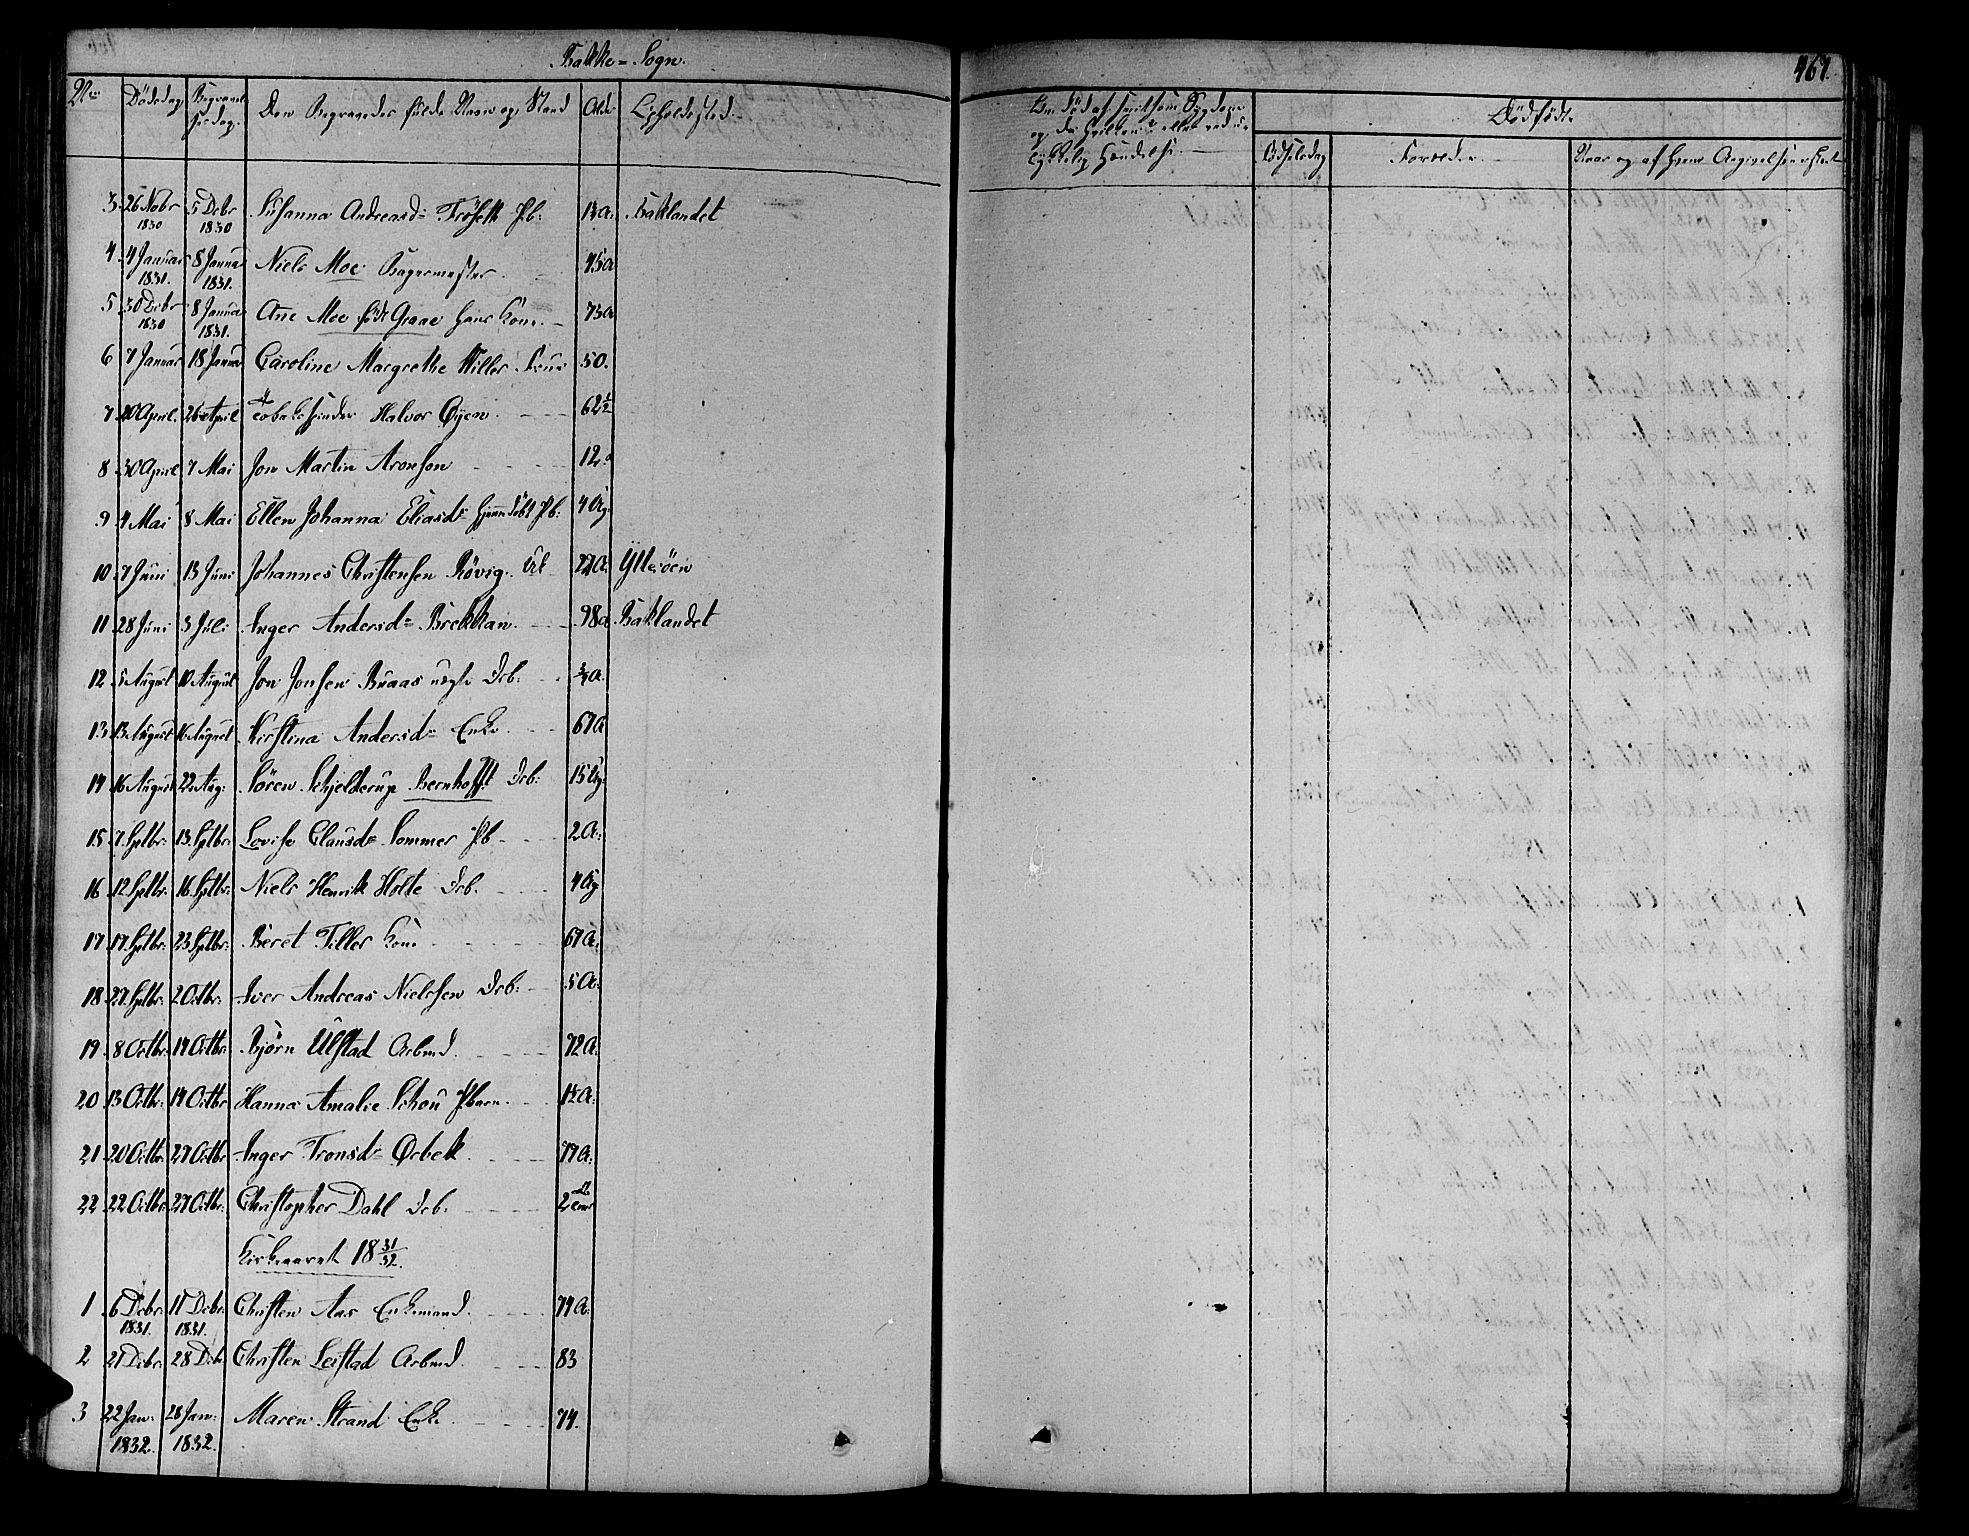 SAT, Ministerialprotokoller, klokkerbøker og fødselsregistre - Sør-Trøndelag, 606/L0287: Ministerialbok nr. 606A04 /2, 1826-1840, s. 467